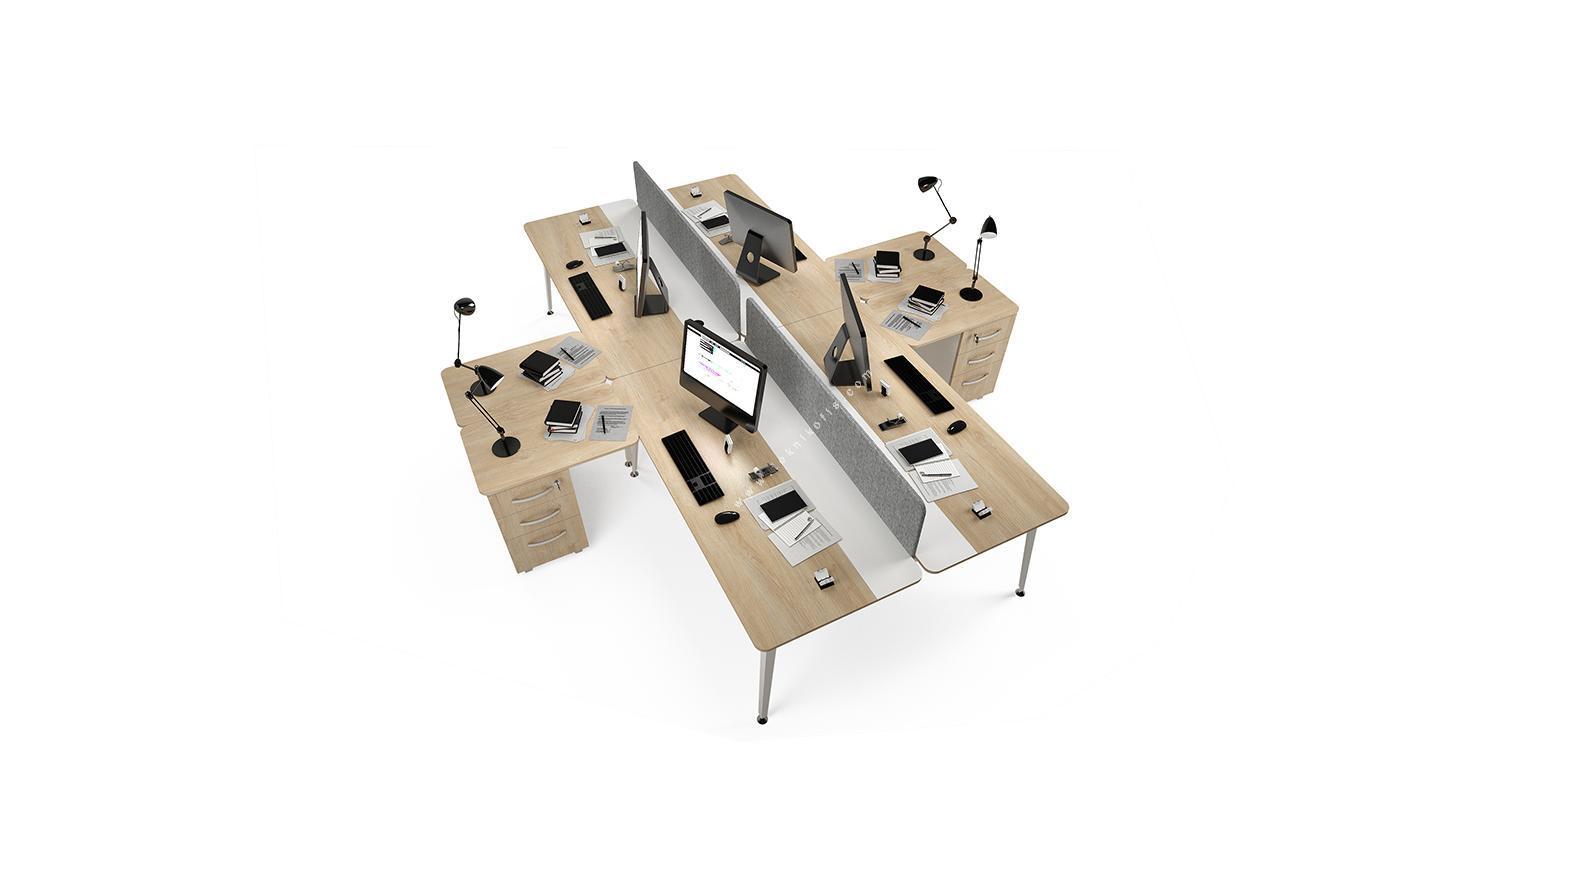 rediste kumaş seperatörlü kesonlu dörtlü çalışma masası 280cm